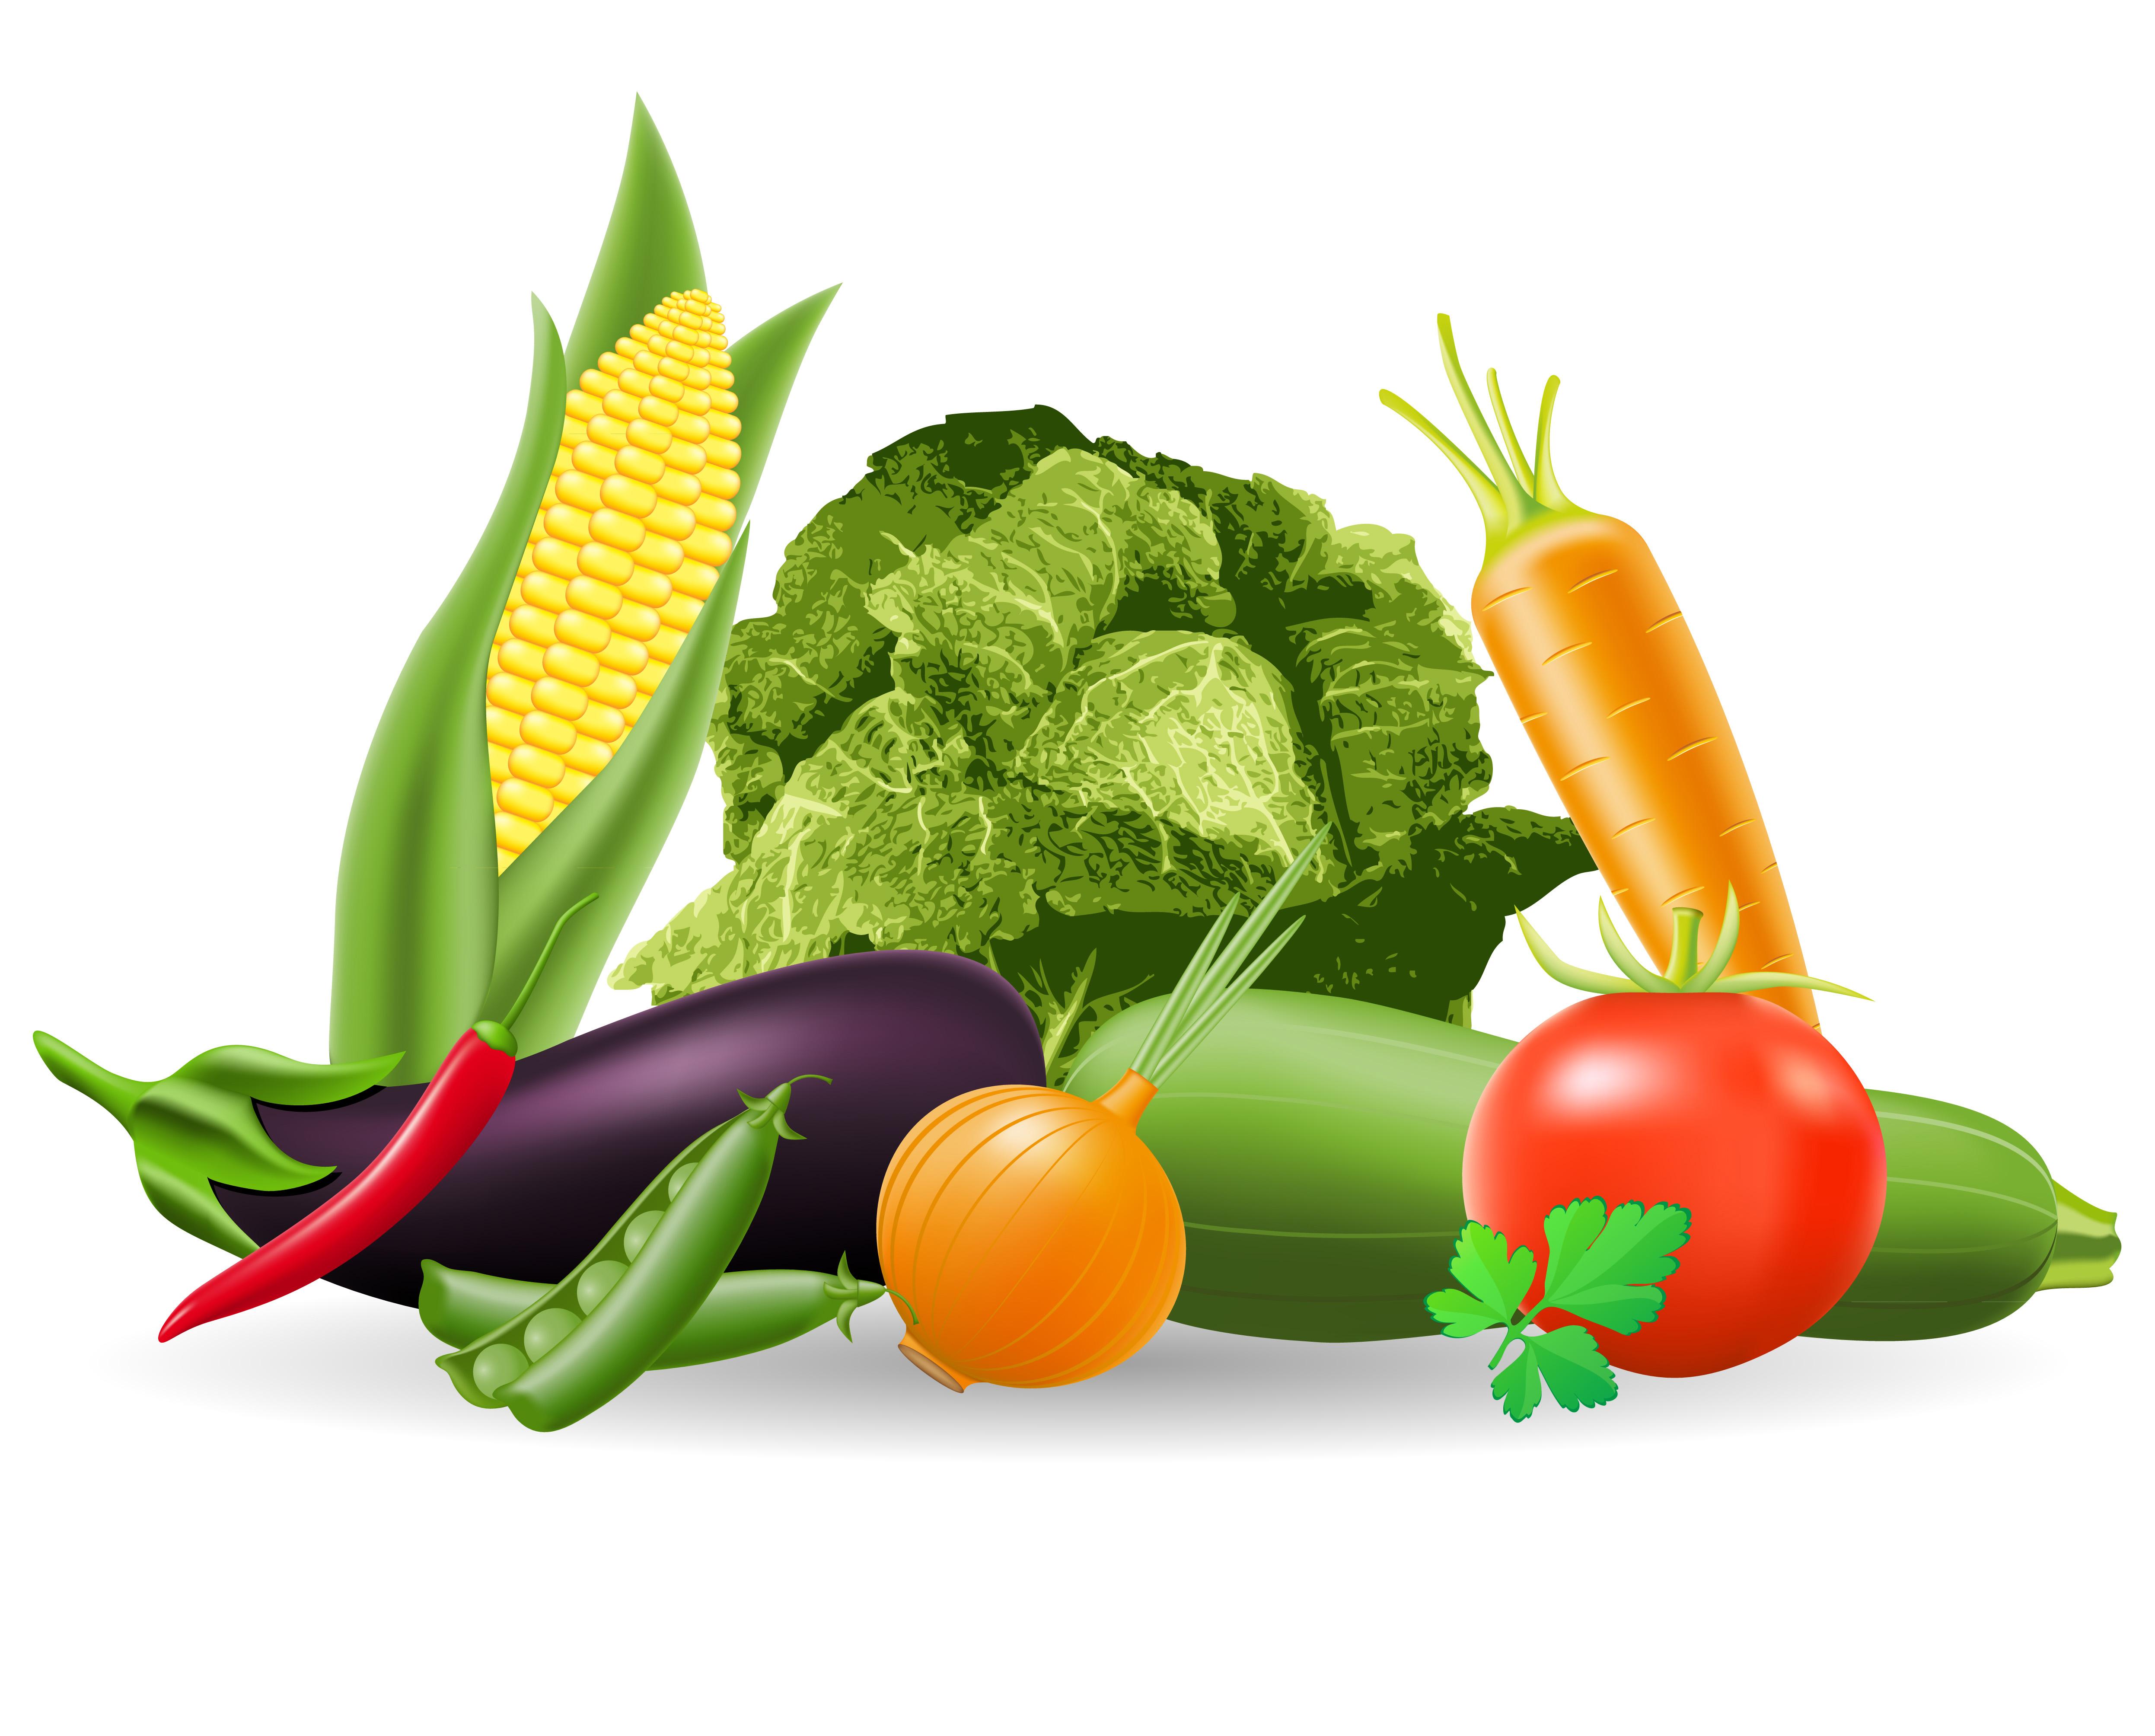 still life of vegetables vector illustration - Download